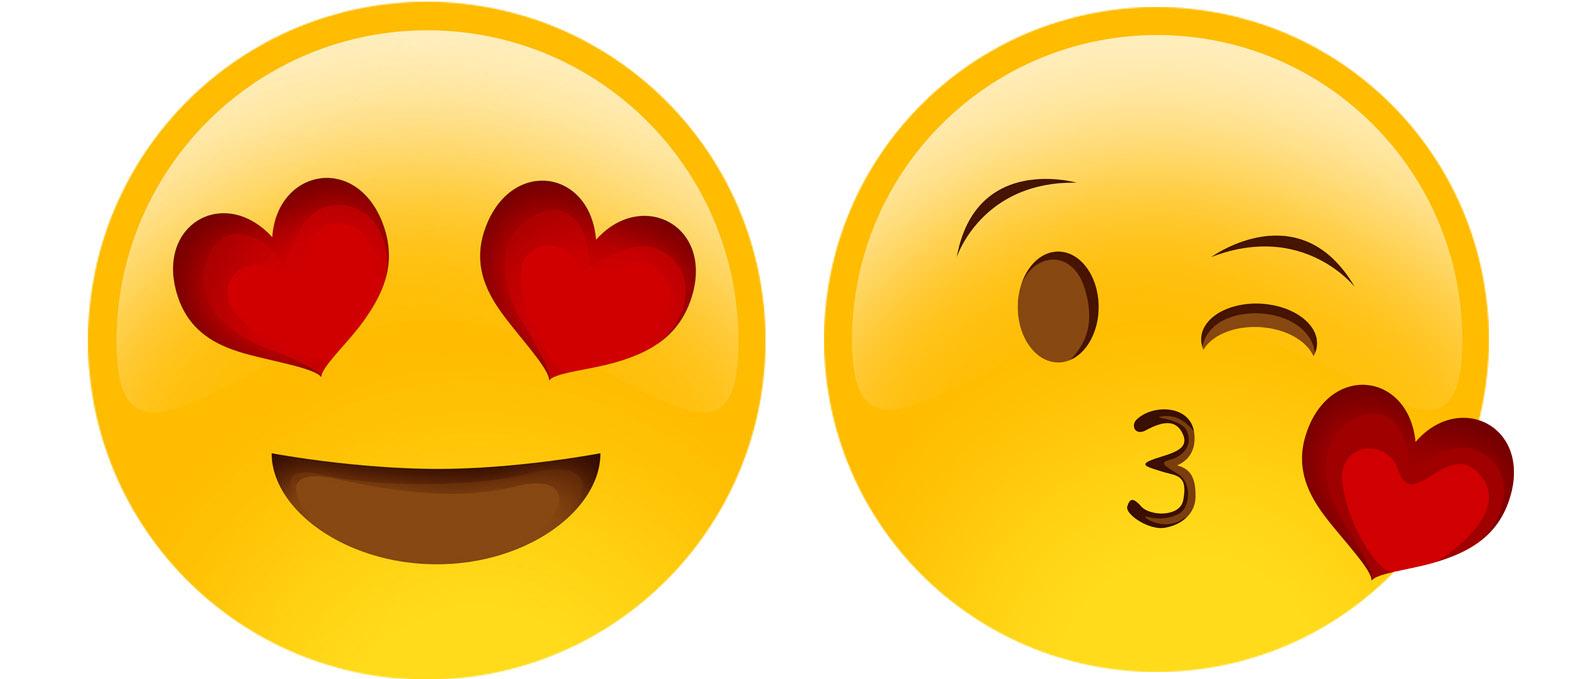 الرموز التعبيرية , رموز روعة تستخدم في وسائل التواصل الاجتماعي